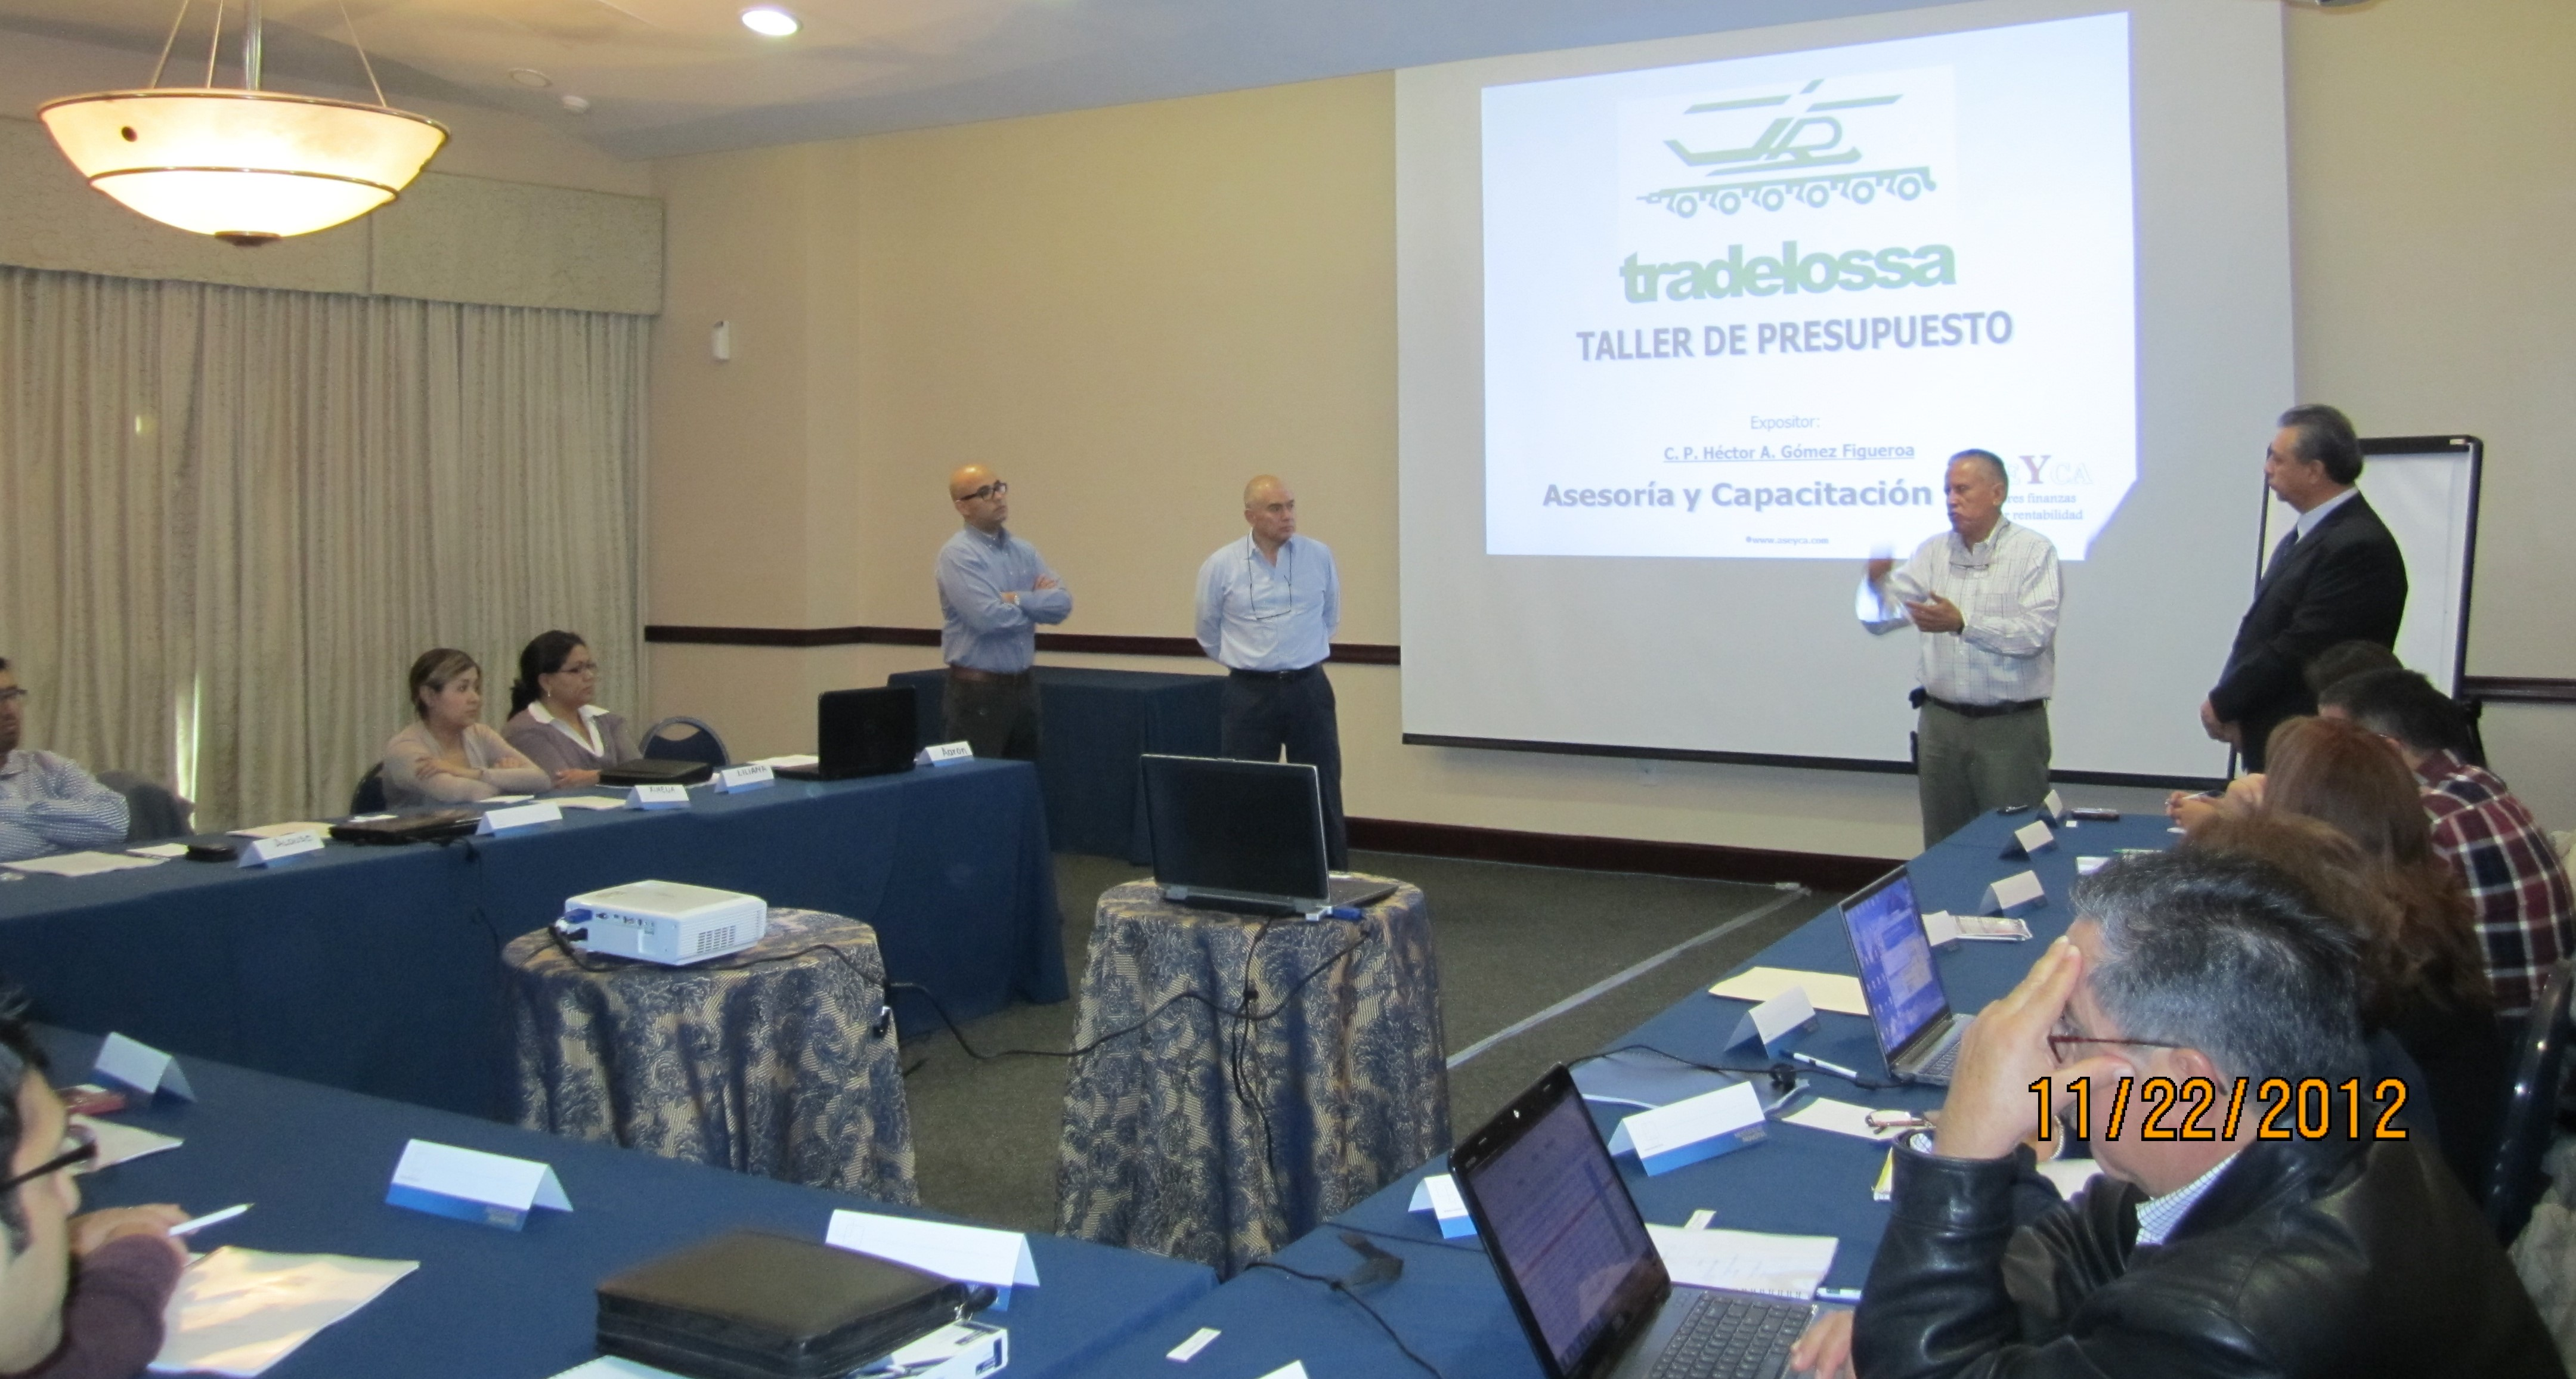 Tradelossa 2.JPG